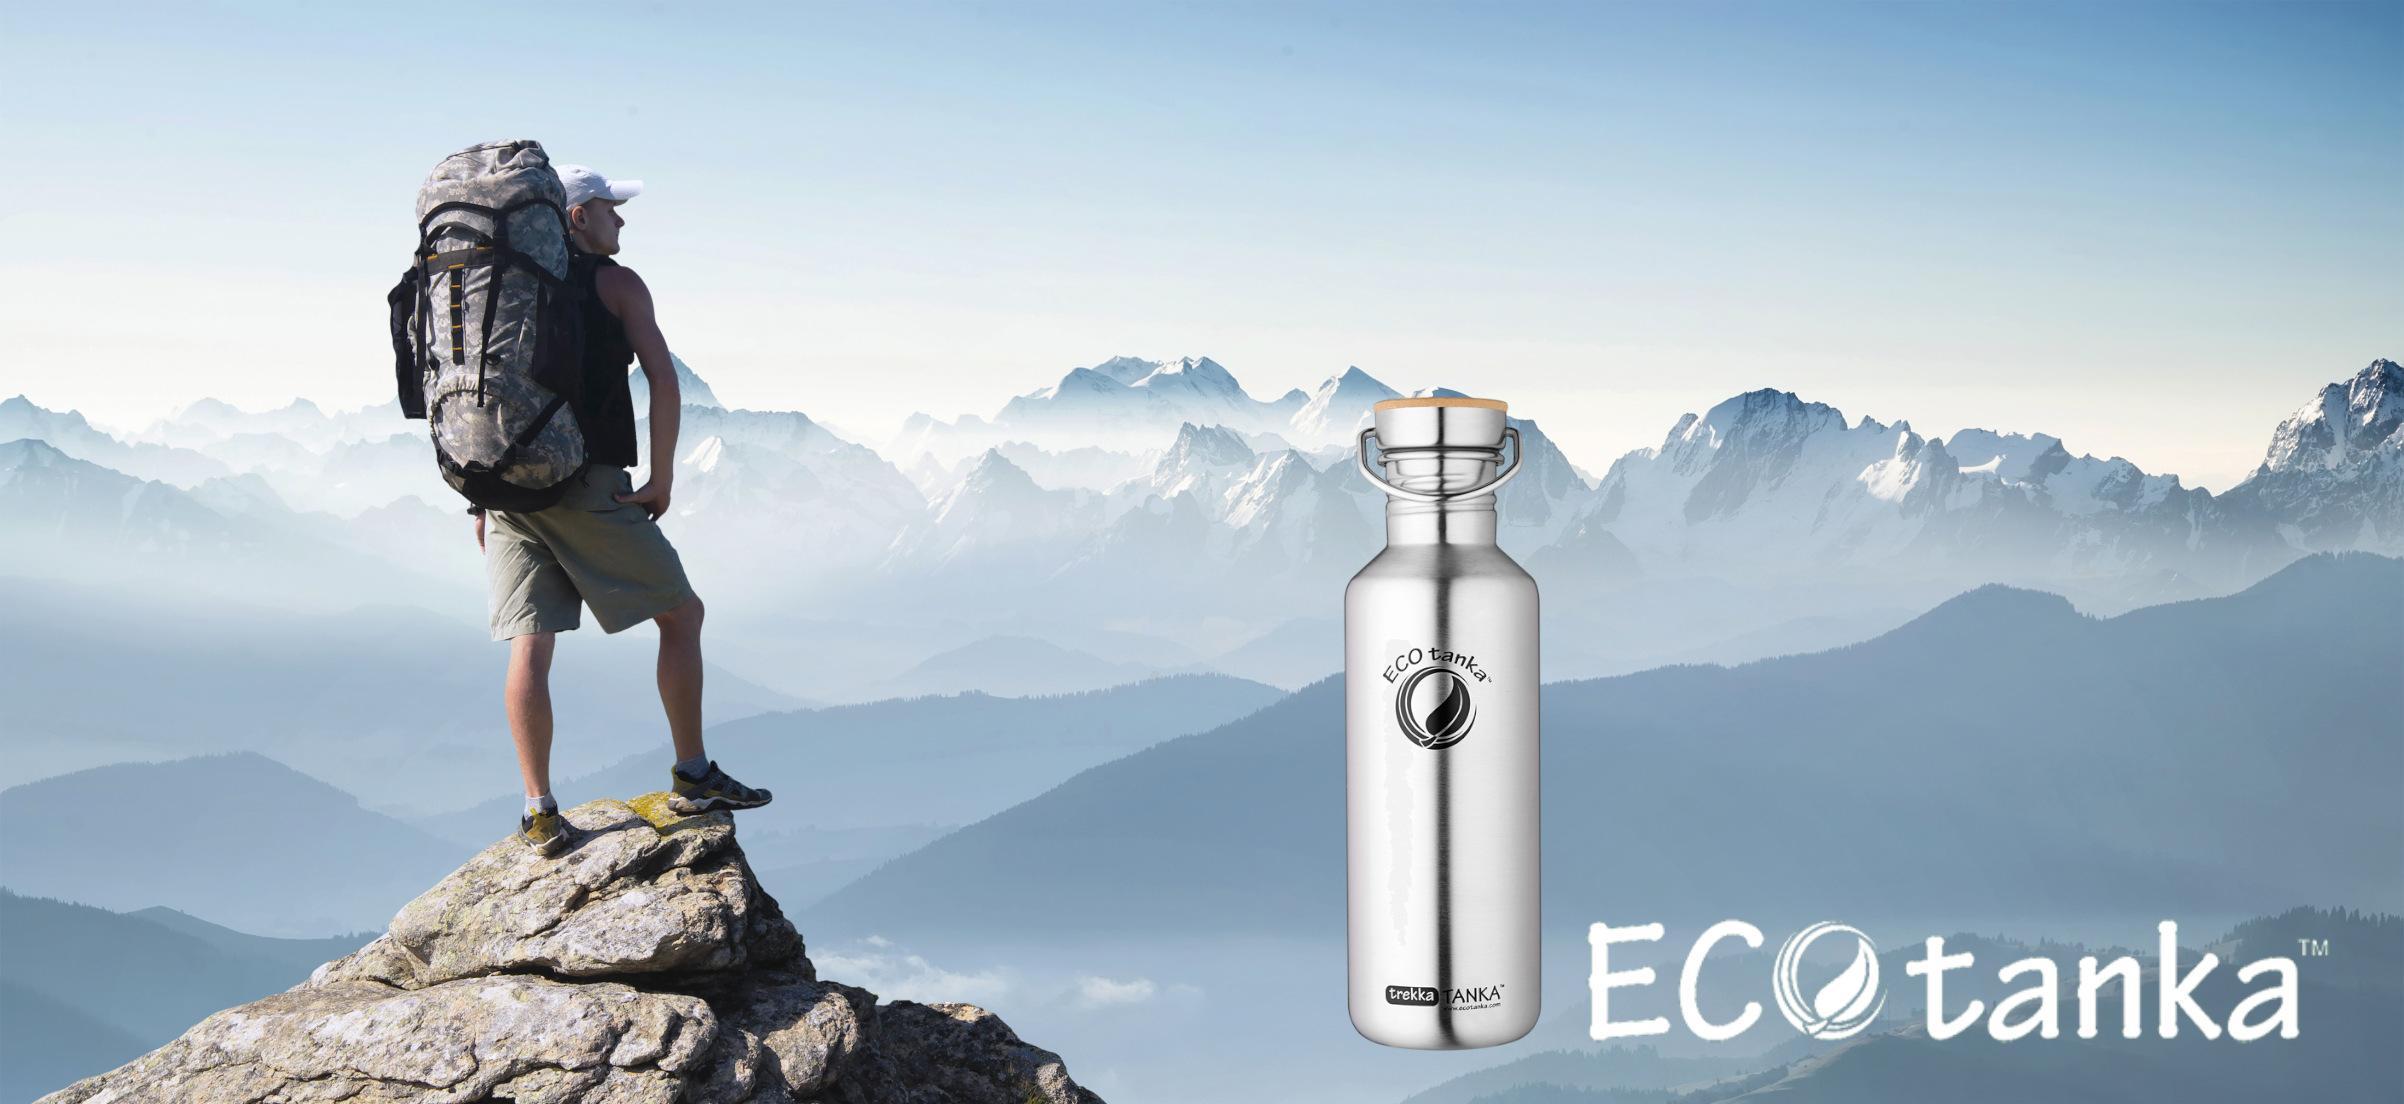 EcoTanka-HeaderCKMu10Xl5Xqhq